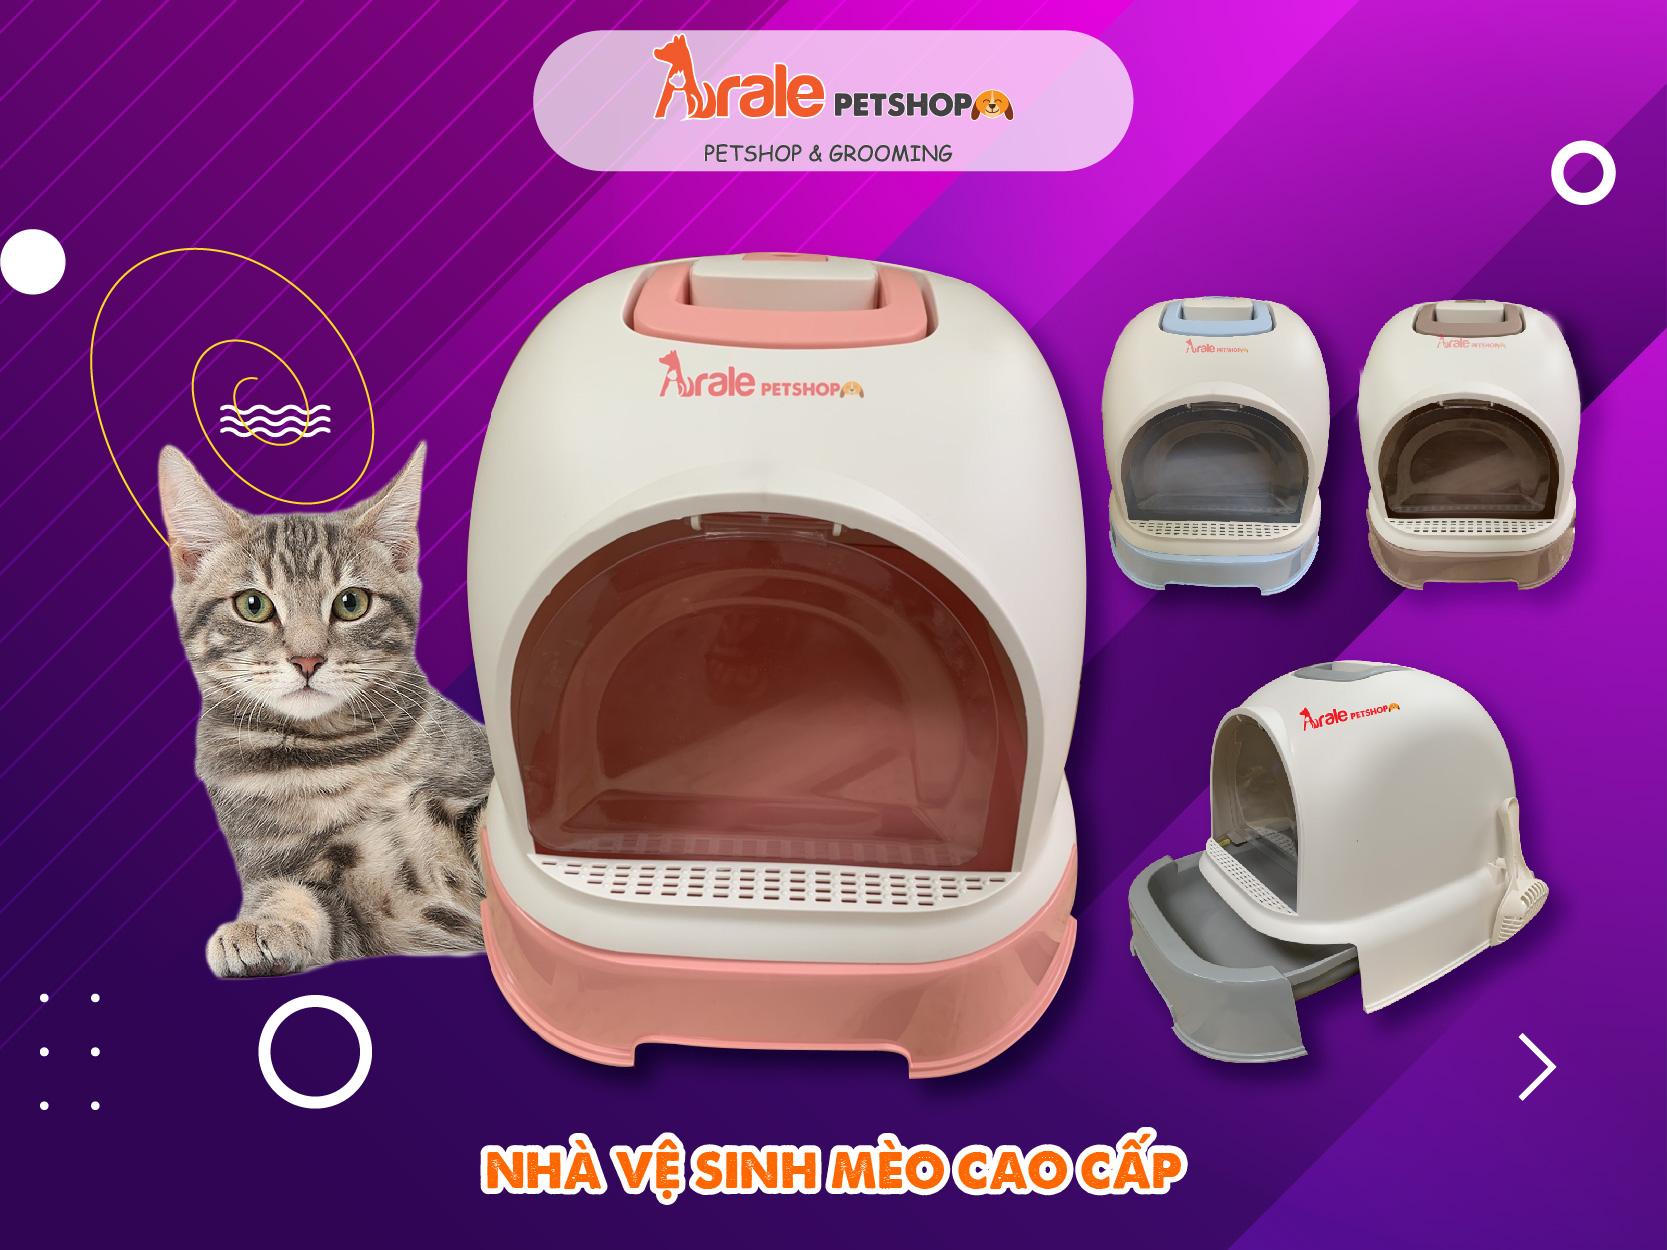 nhà vệ sinh cho mèo, khử mùi tốt, dễ dàng vệ sinh, không gây ô nhiễm